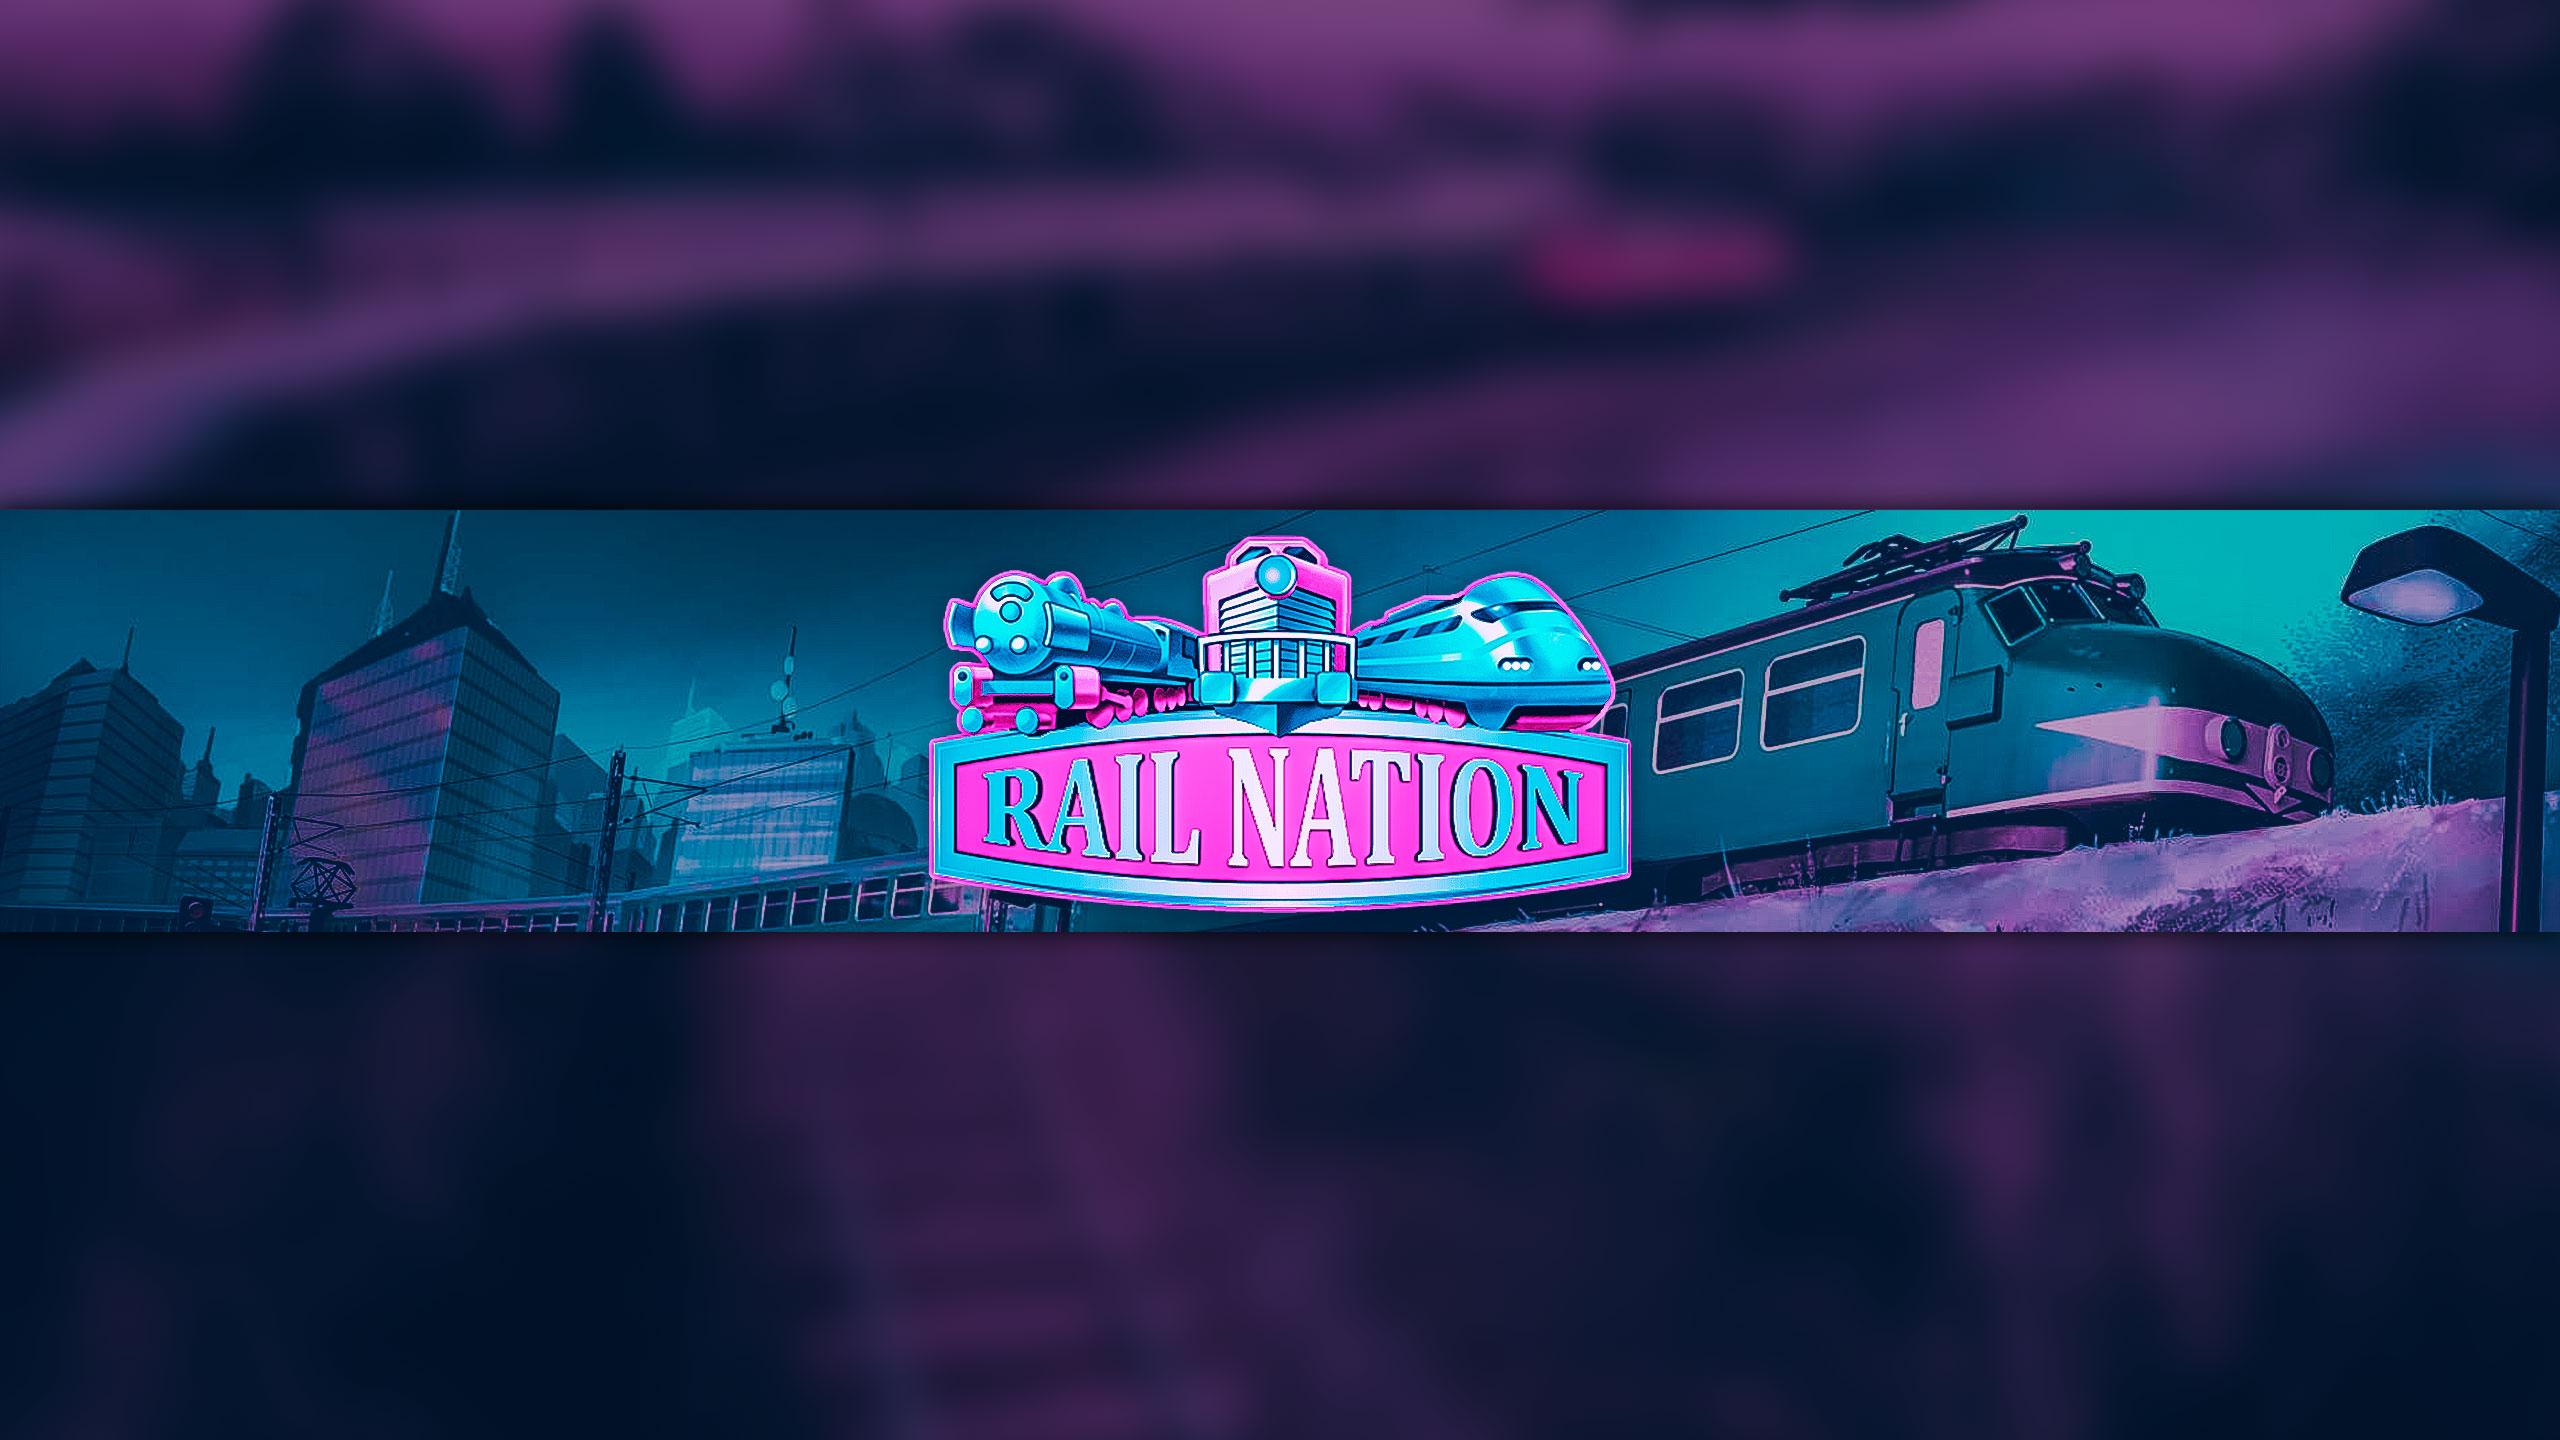 Пурпурная картинка на шапку для ютуб канала 2560x1440 с розовым логотипом Rail Nation и поездом и зданием на заднем фоне.